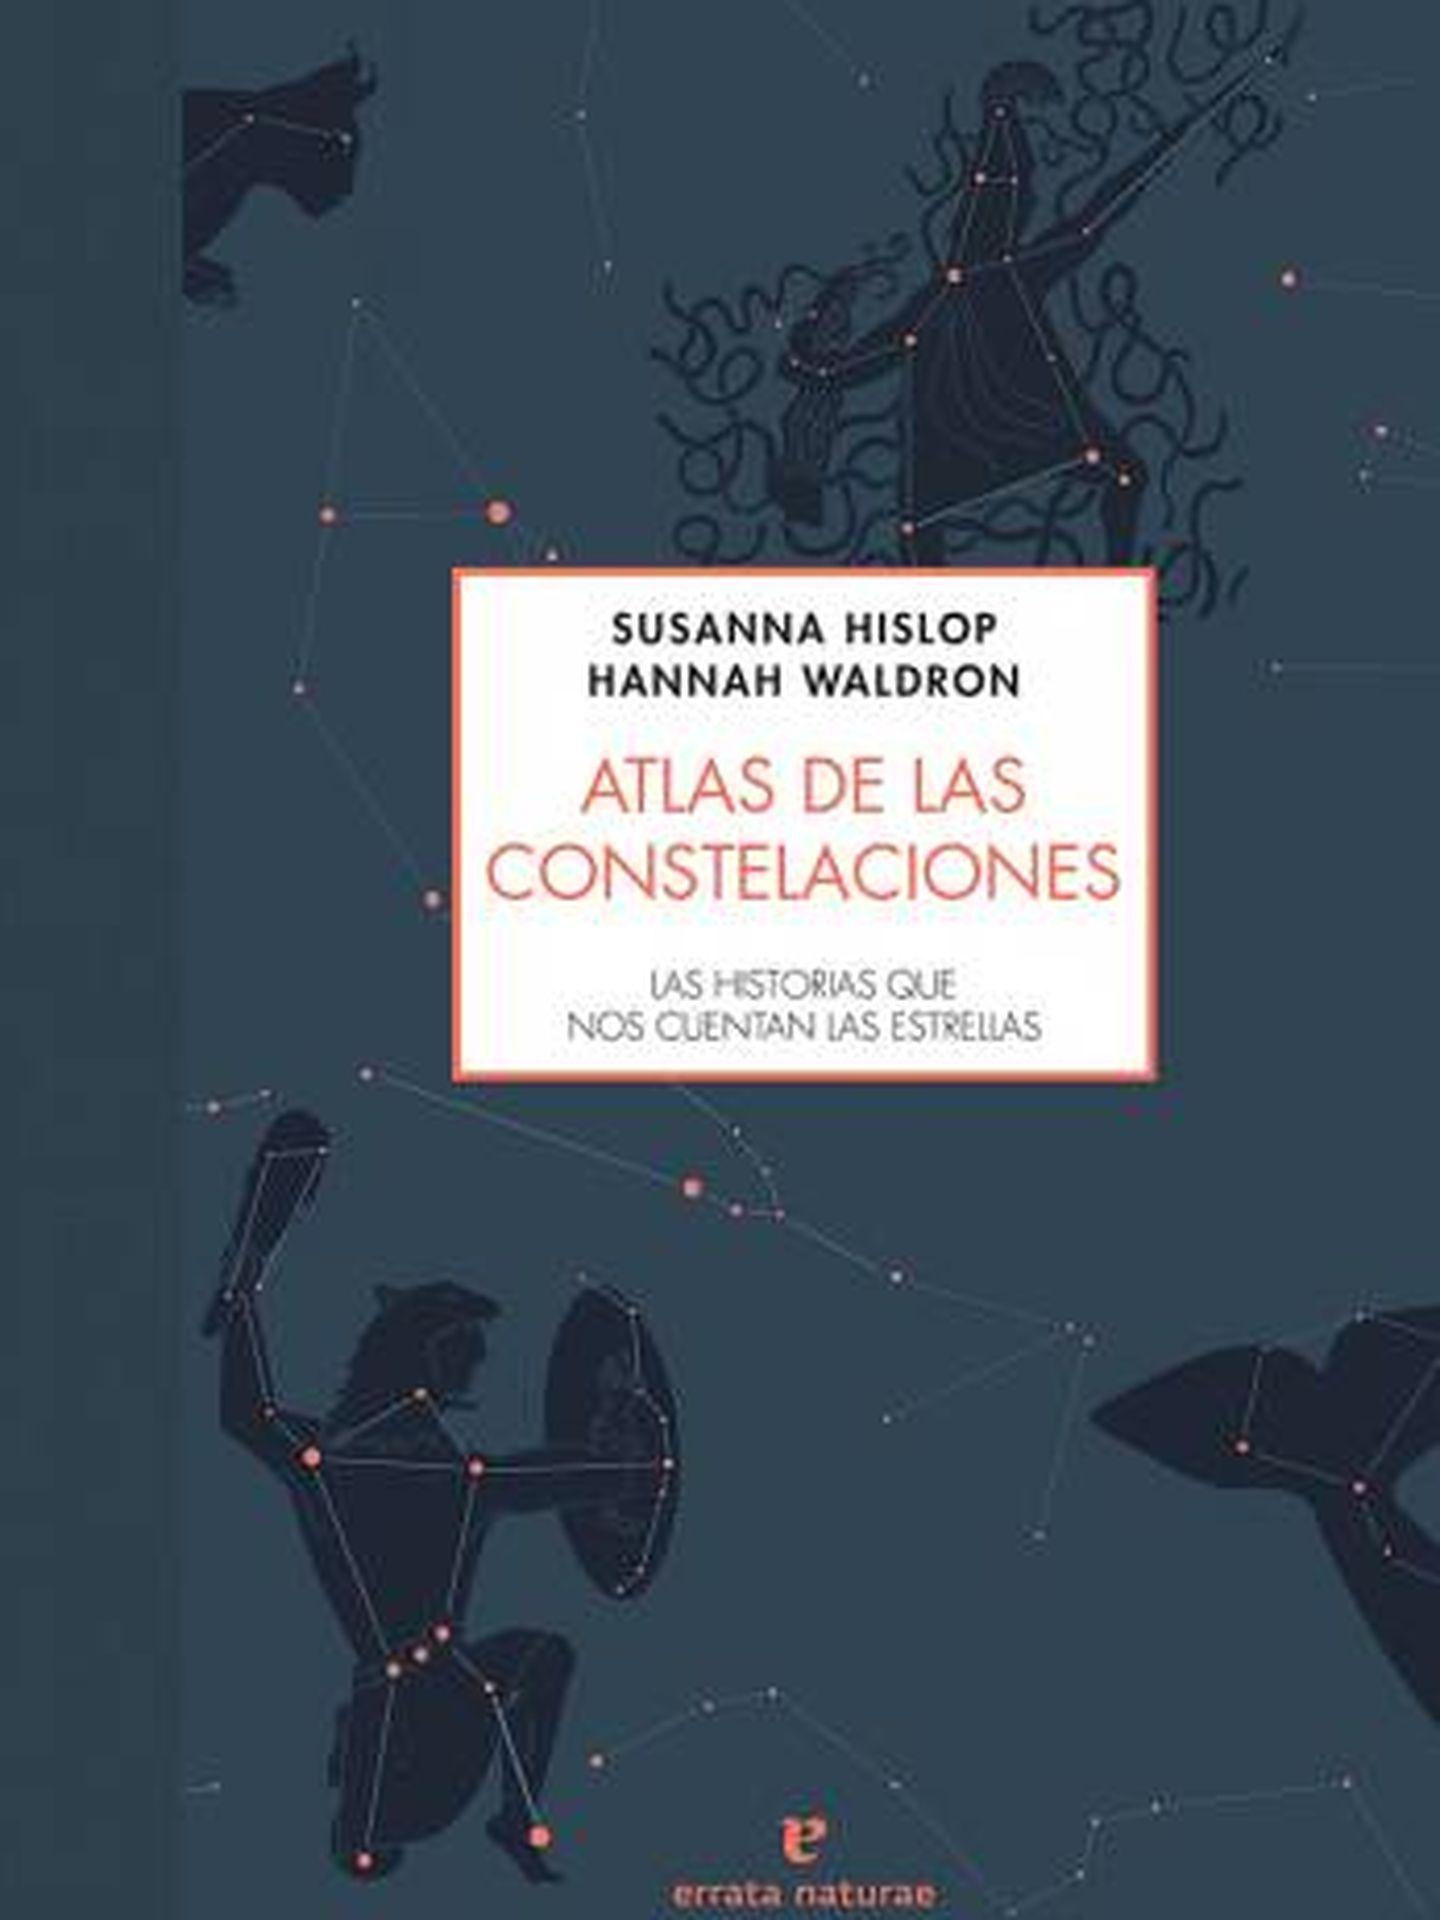 'Atlas de las constelaciones'